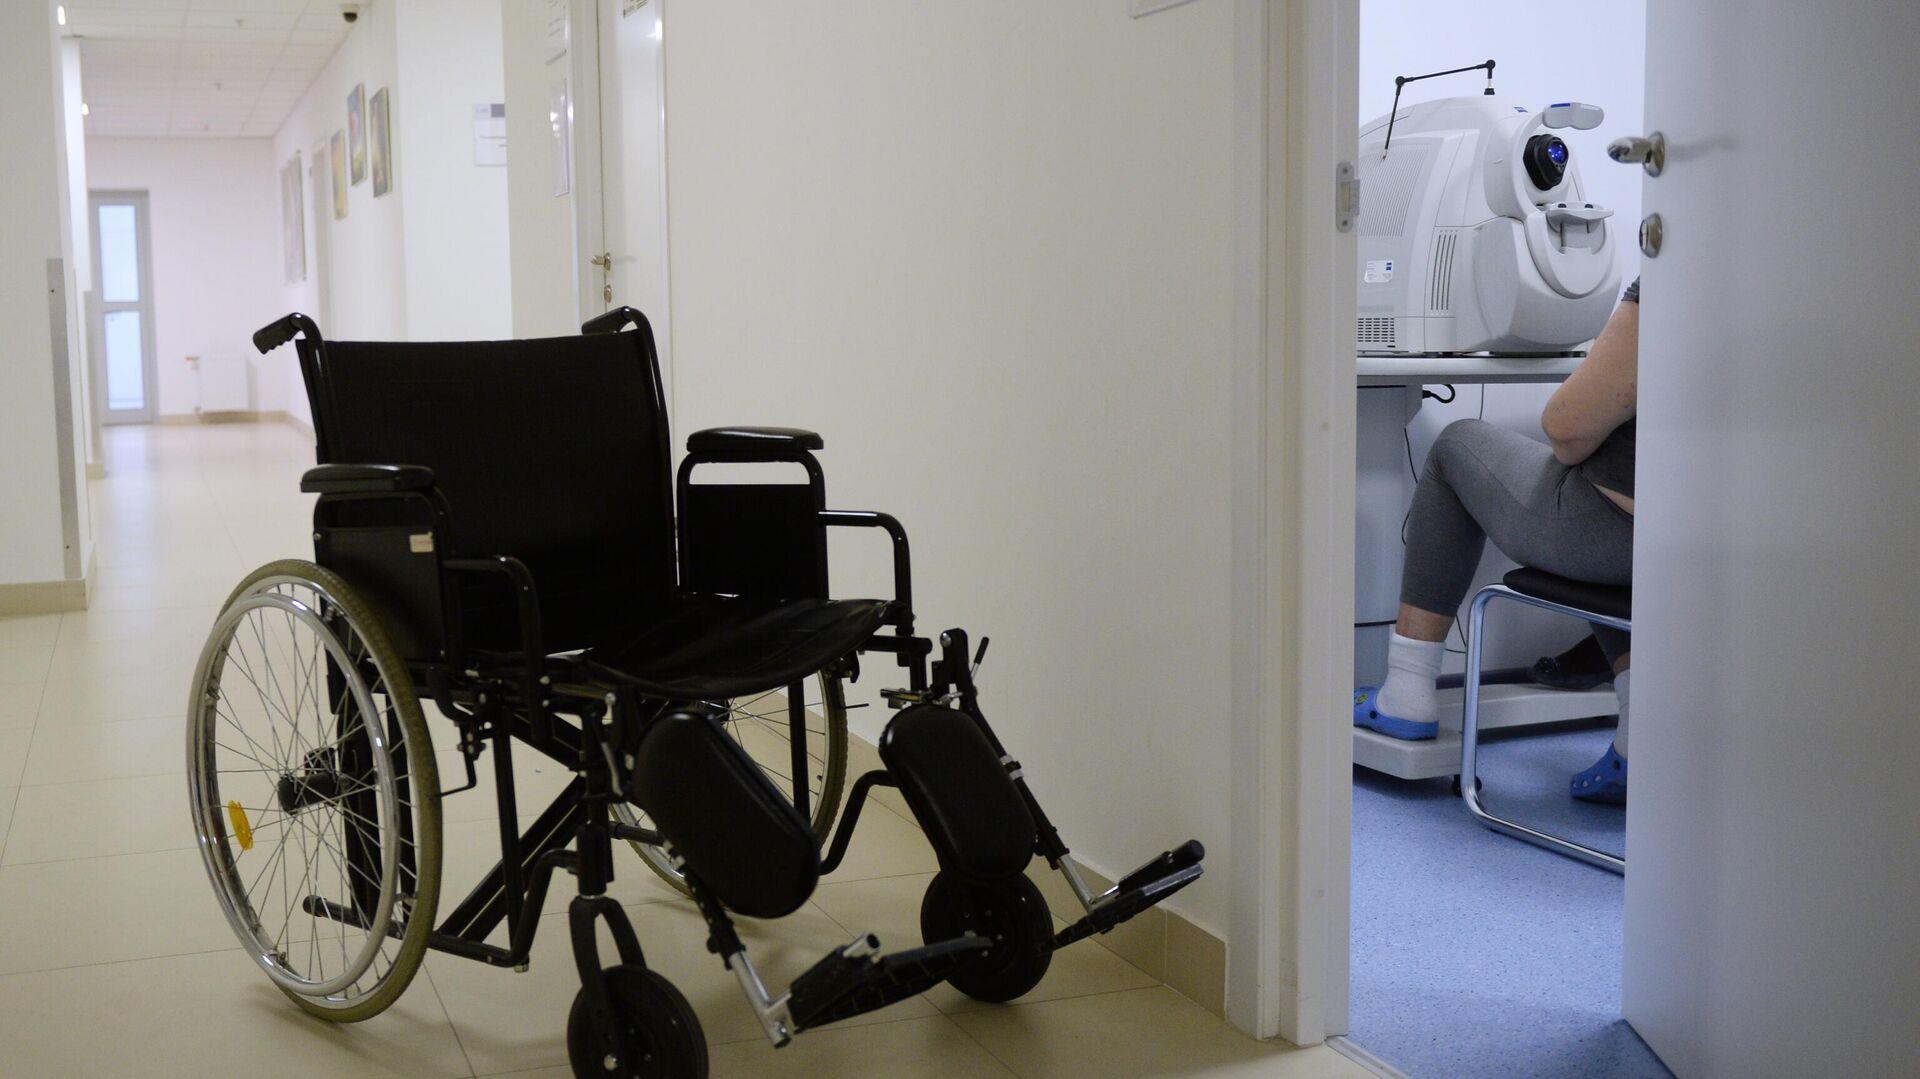 Инвалидная коляска в коридоре Института диабета ФГБУ НМИЦ эндокринологии - РИА Новости, 1920, 16.06.2021